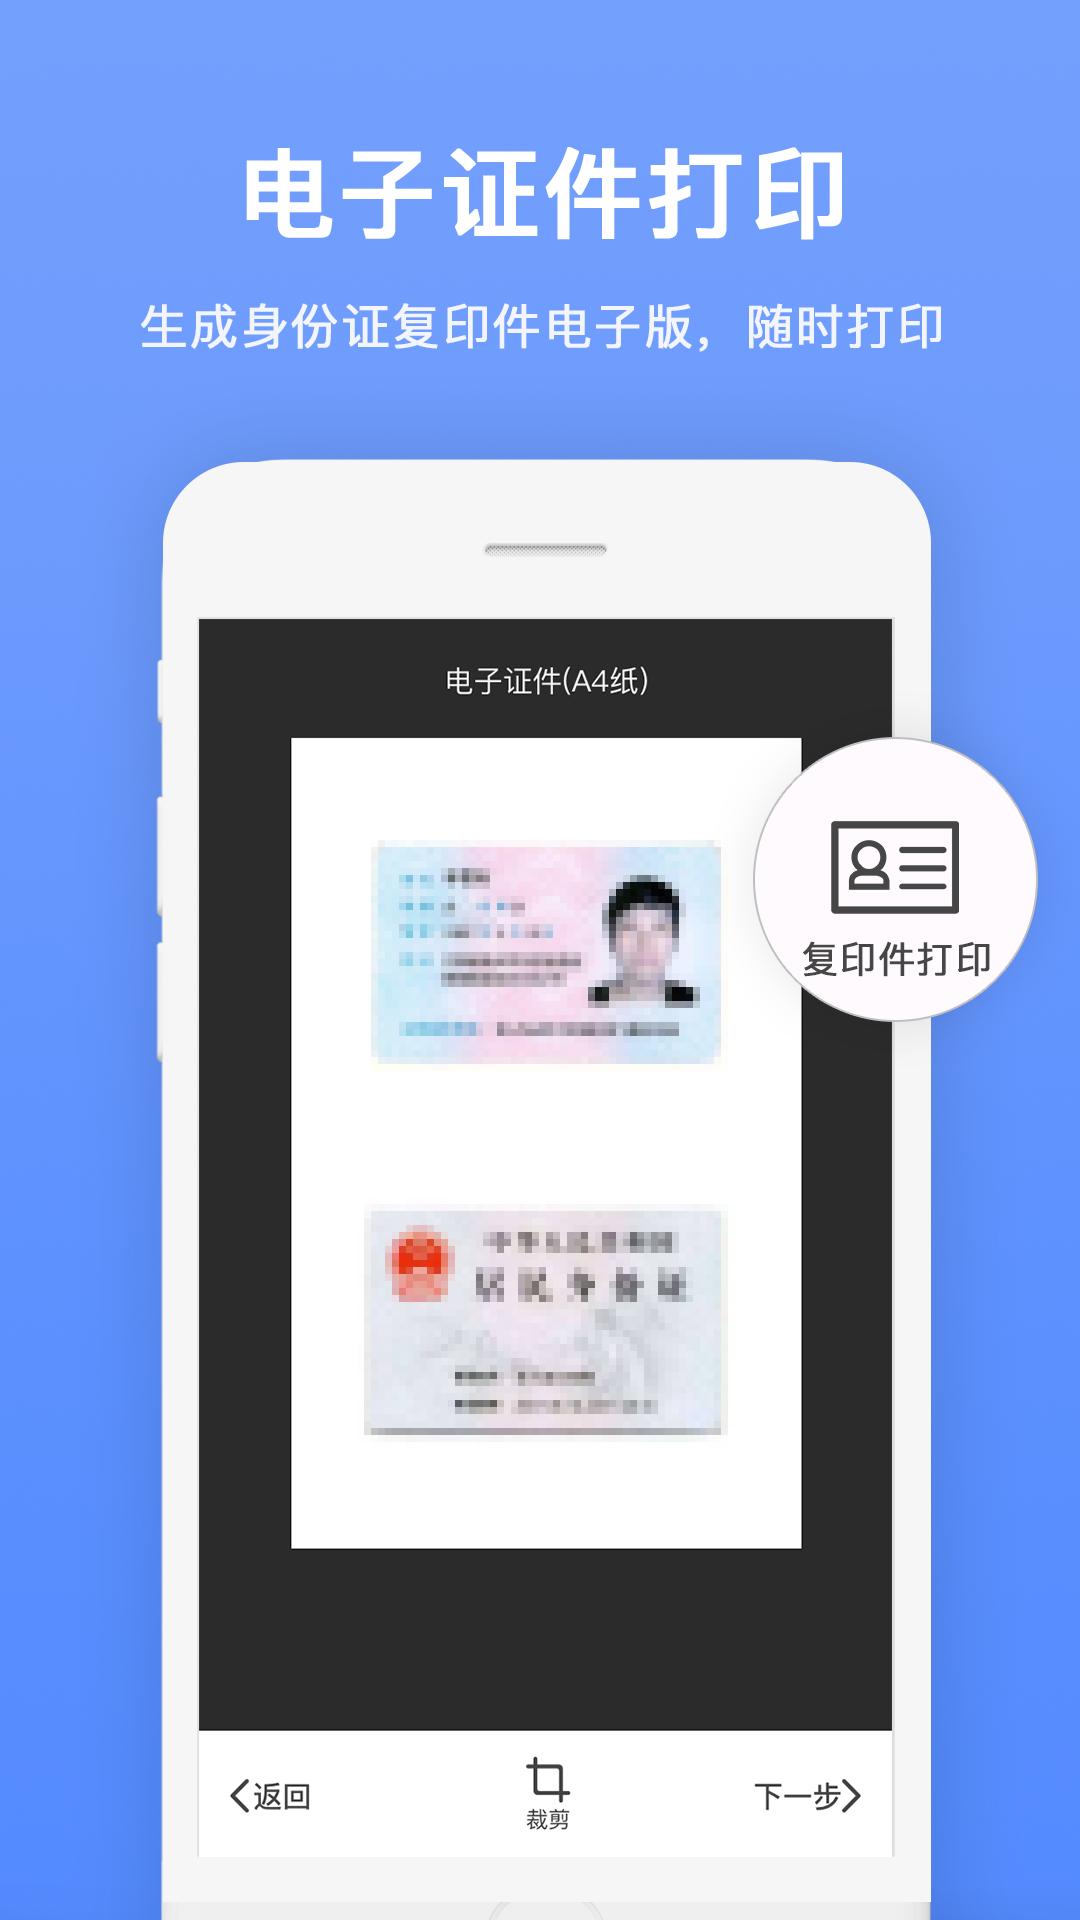 文字识别扫描王下载-文字识别扫描王app下载